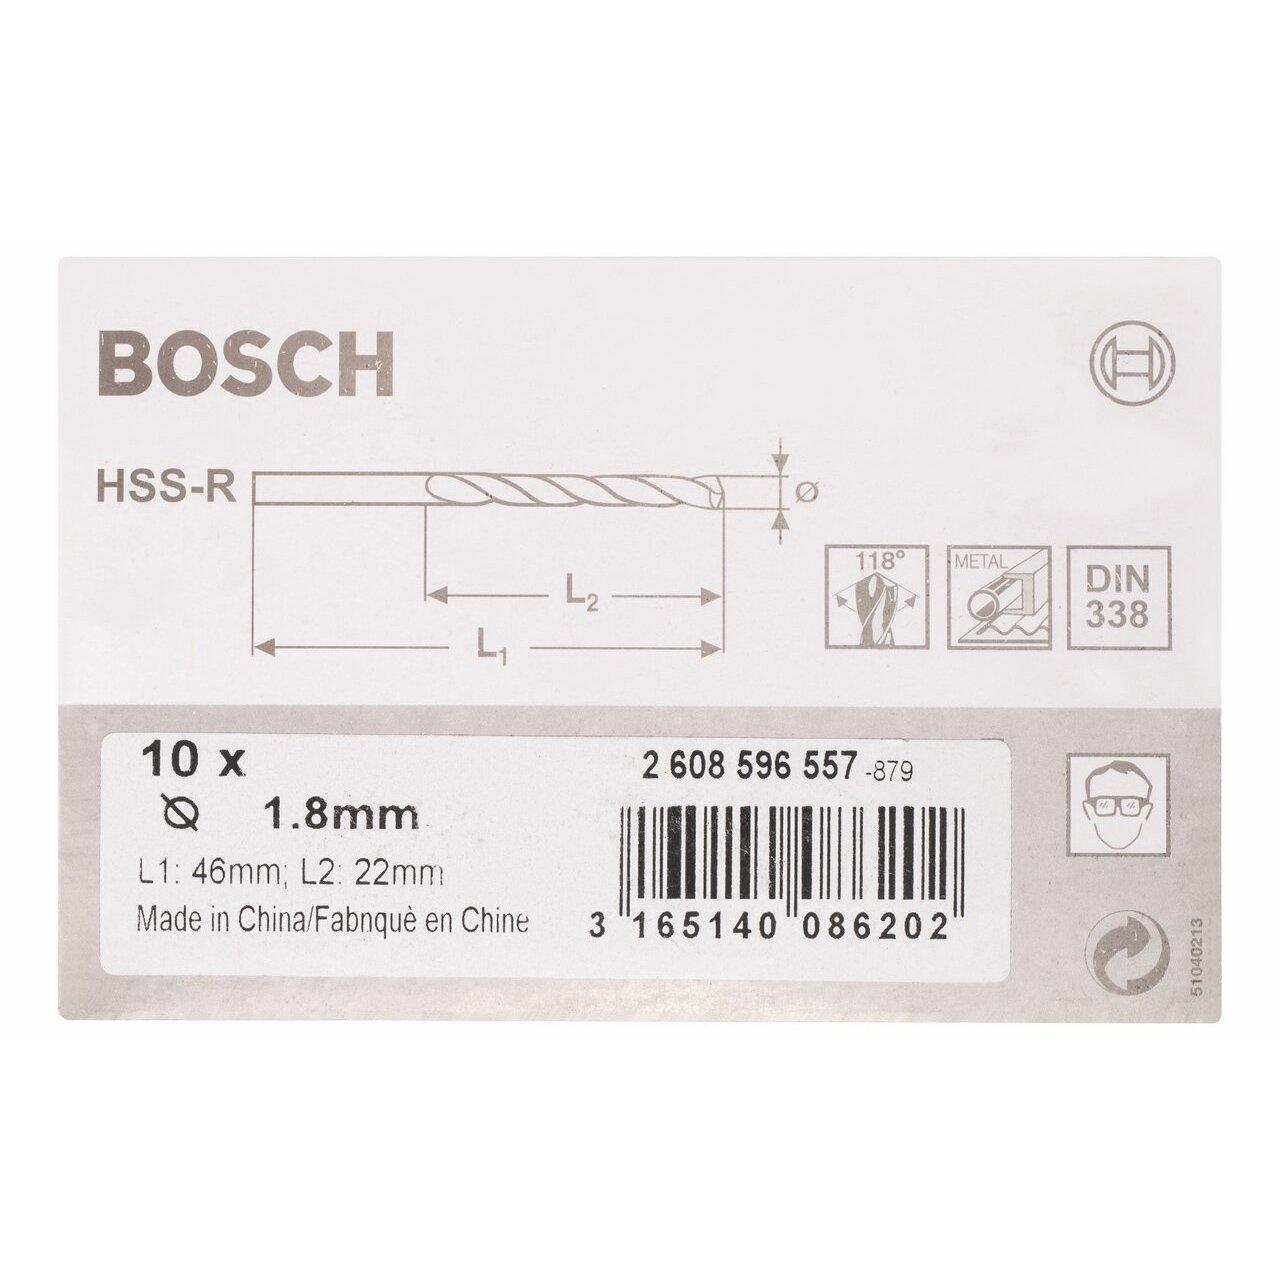 Bosch 2608596557 Foret /à m/étaux lamin/é HSS-R DIN 338 /Ø 1,8 mm 10 pi/èces